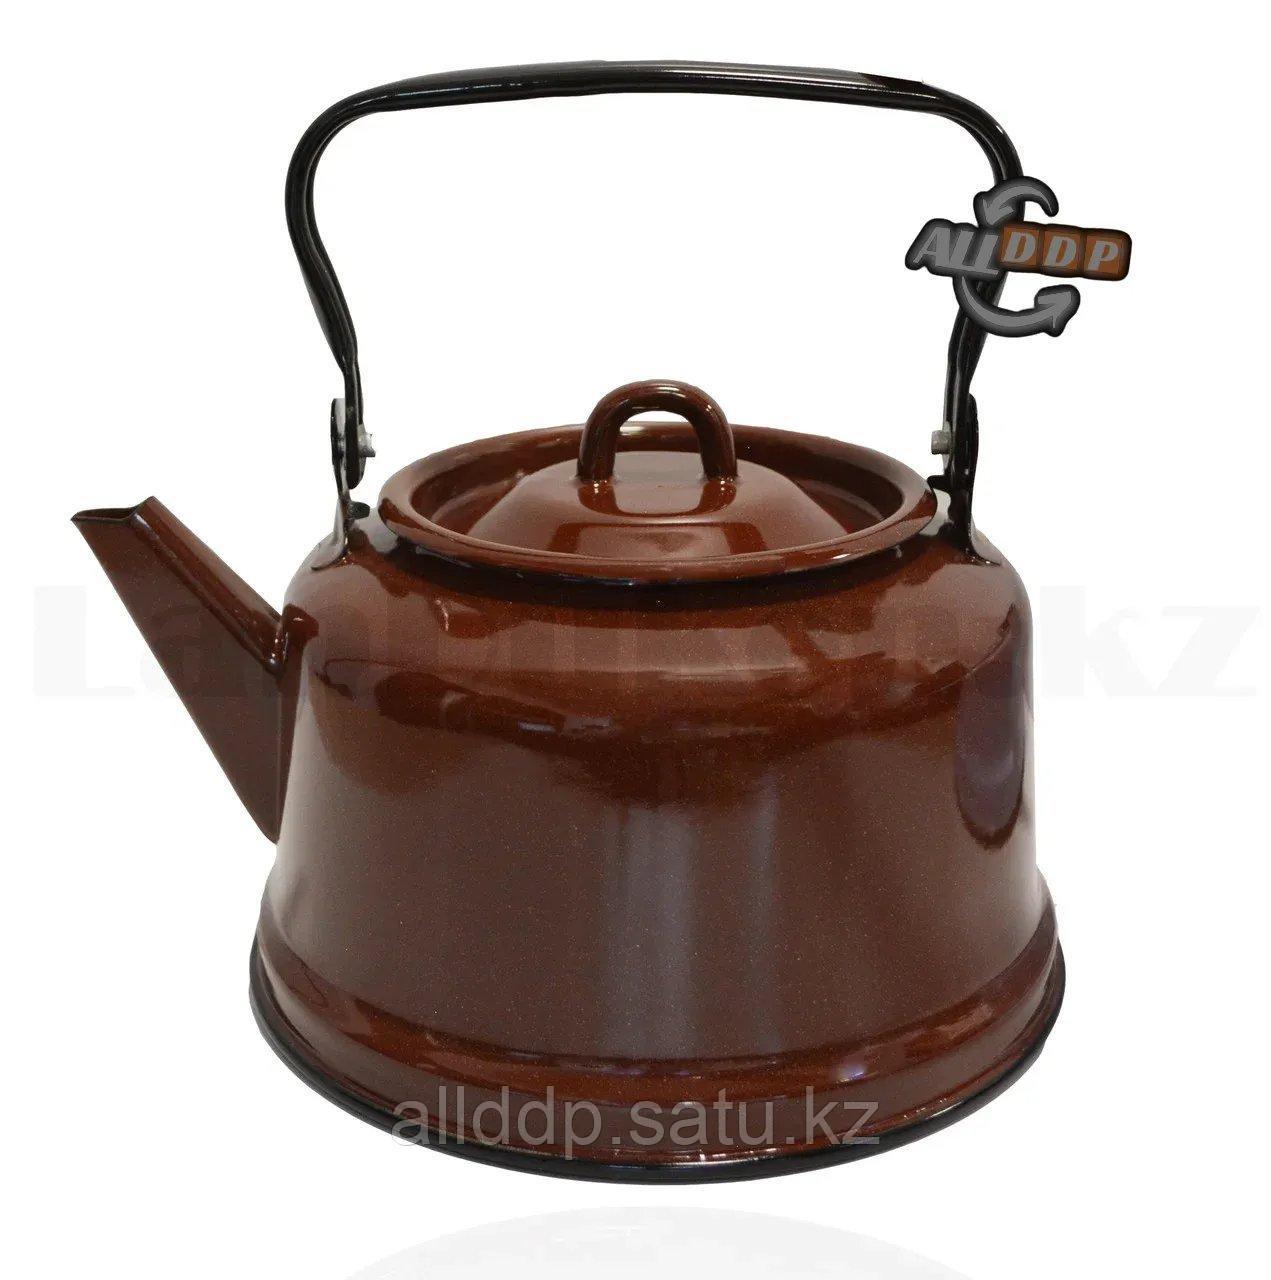 Чайник для кипячения воды эмалированный 3,5 литра коричневый